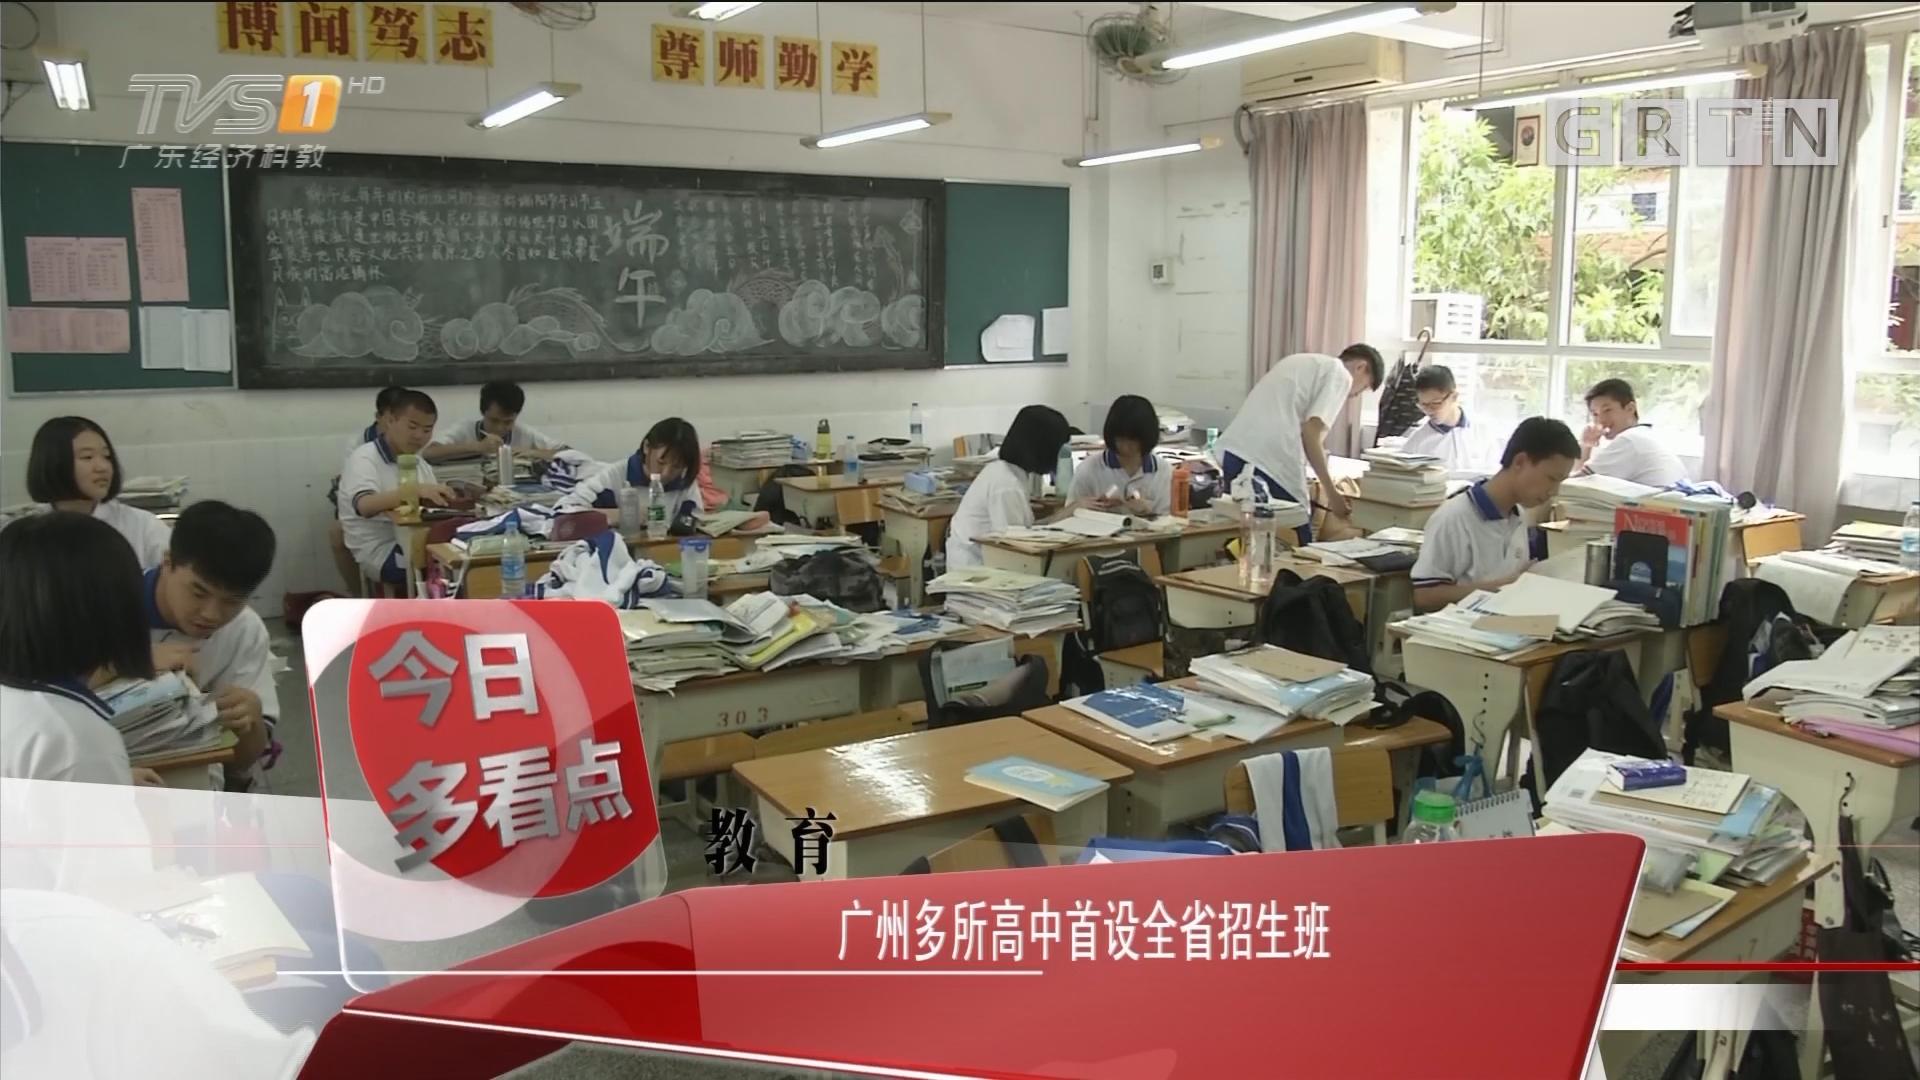 教育:广州多所高中首设全省招生班